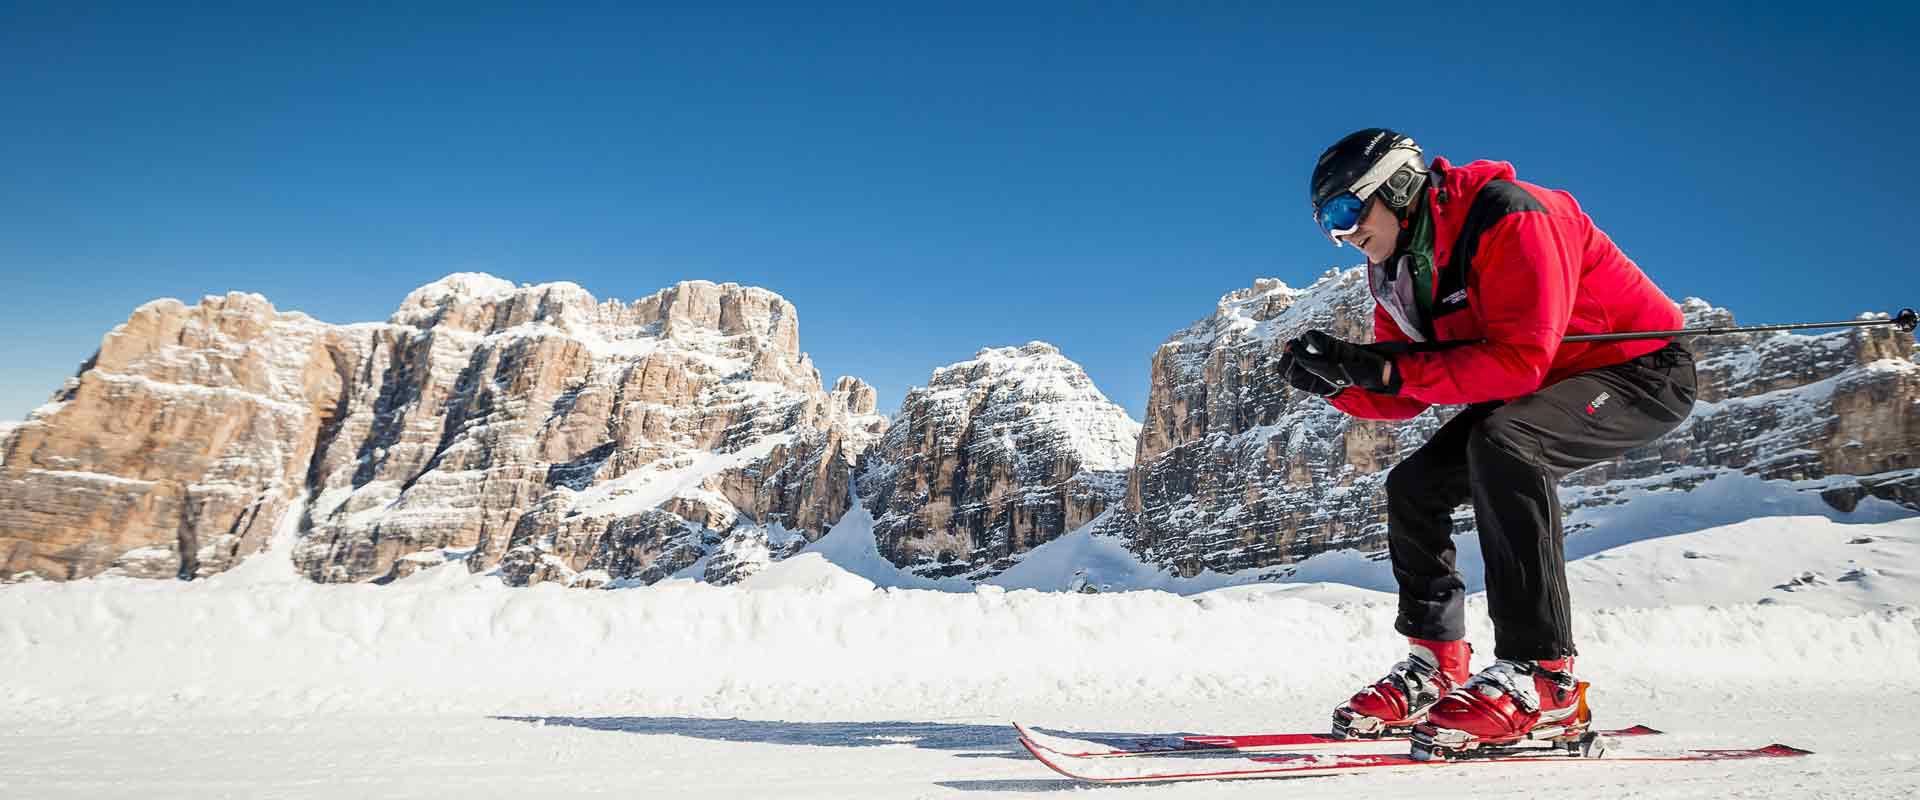 Super8-ski-tour